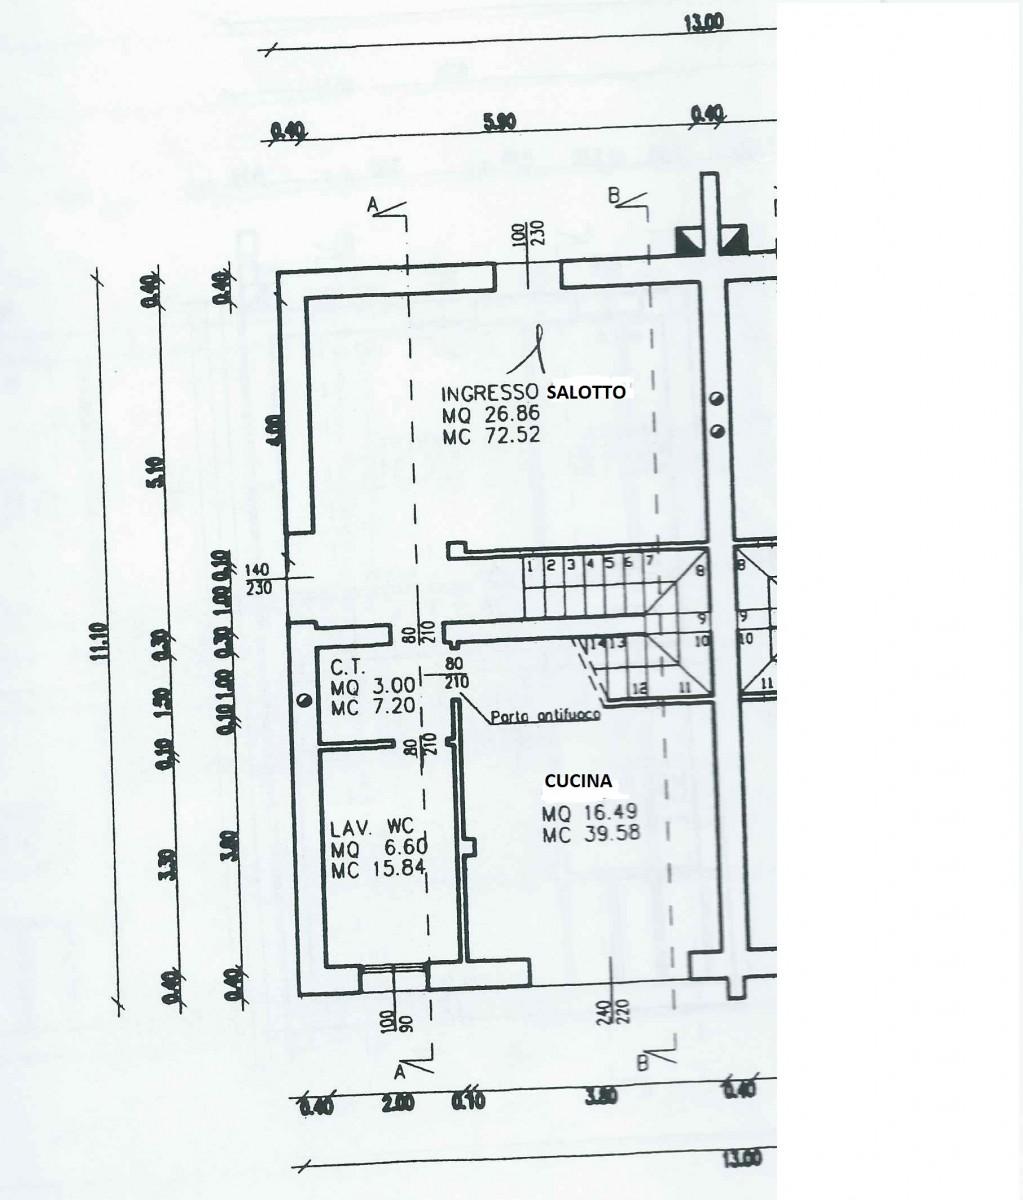 Costo impianto idraulico casa 200 mq confortevole for Costo per attaccare costruire una casa